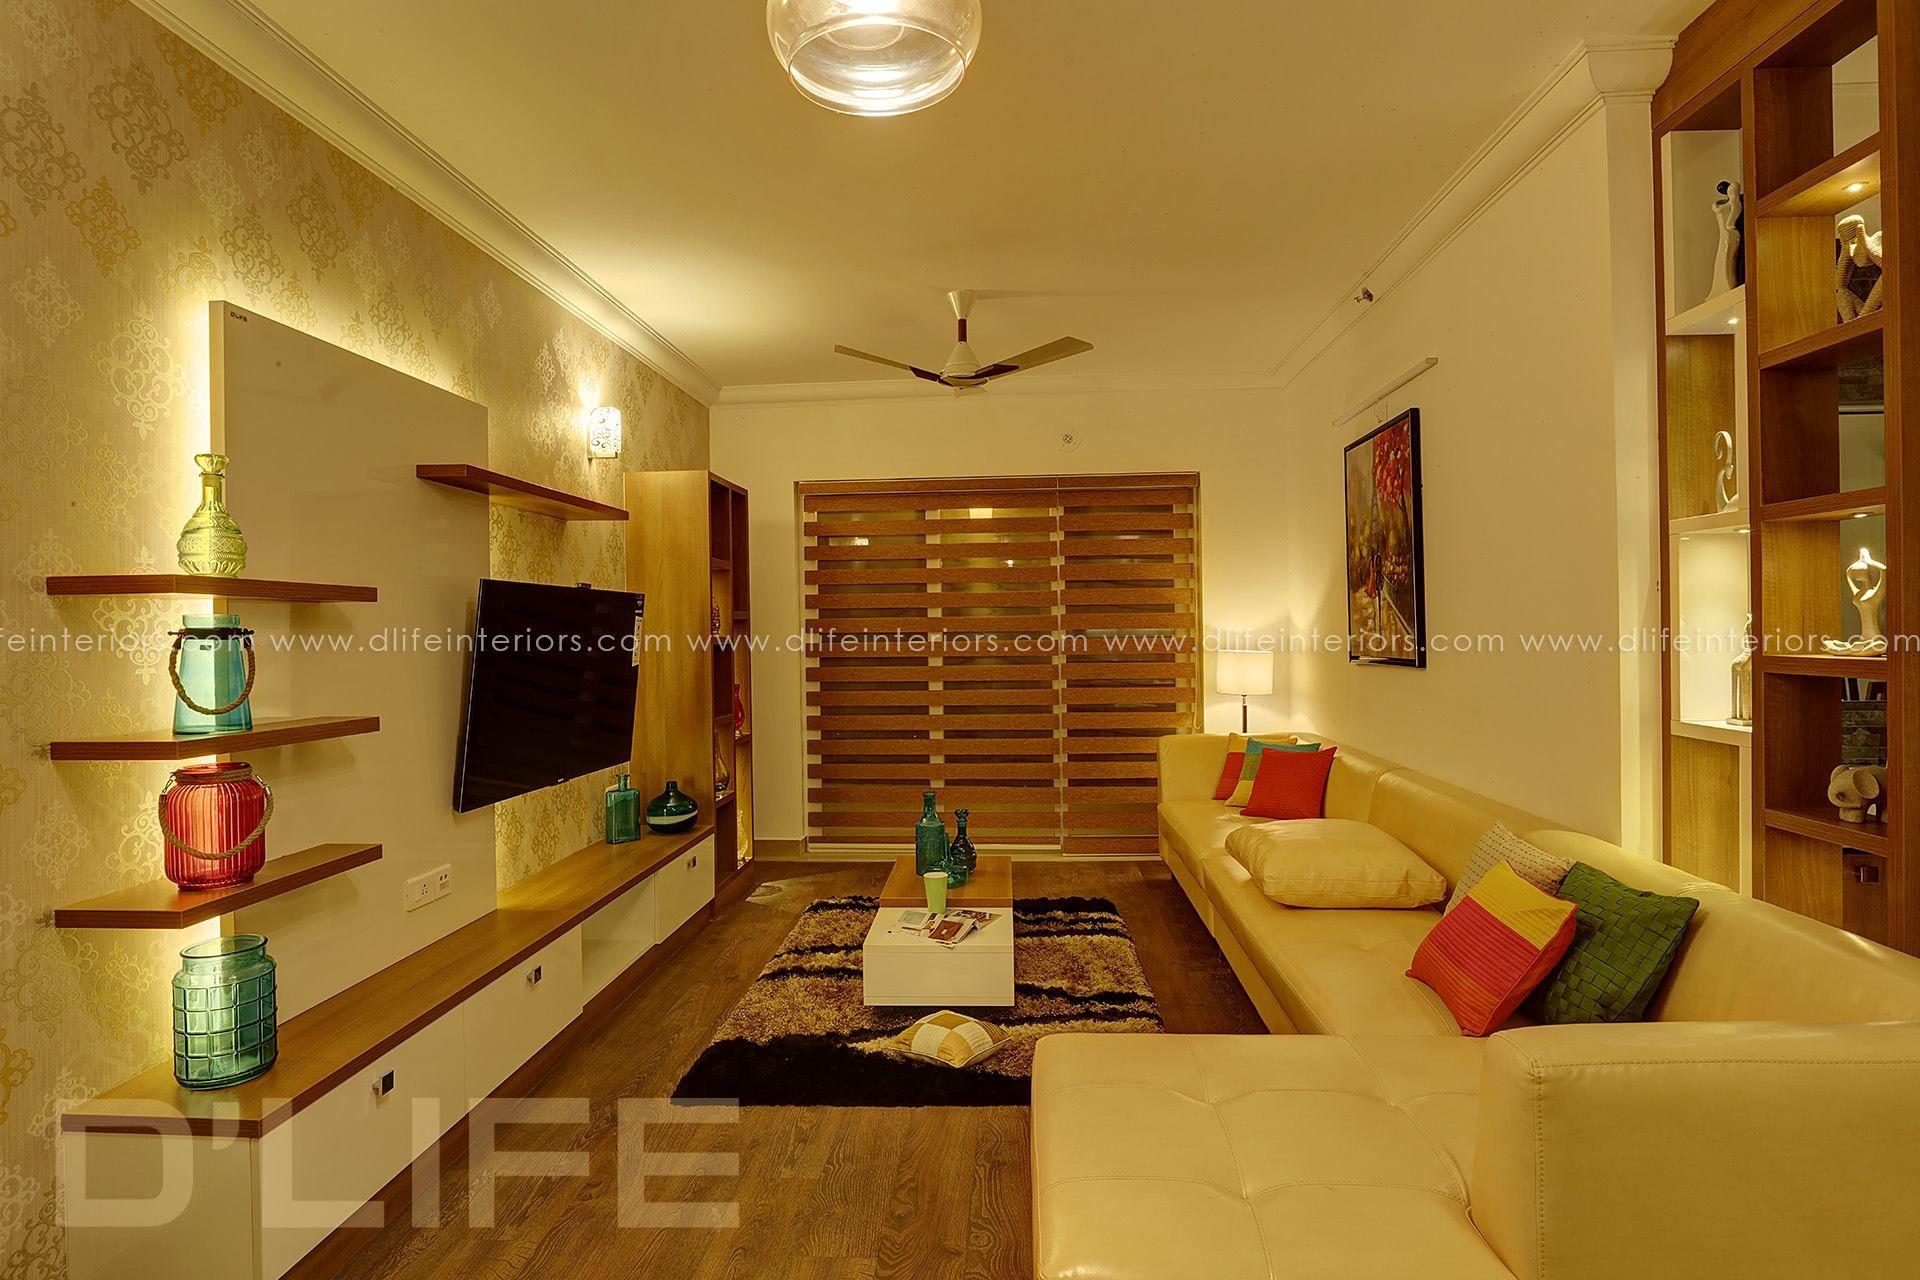 Perfecto Costo De Cocina Modular En Kerala Galería - Como Decorar la ...